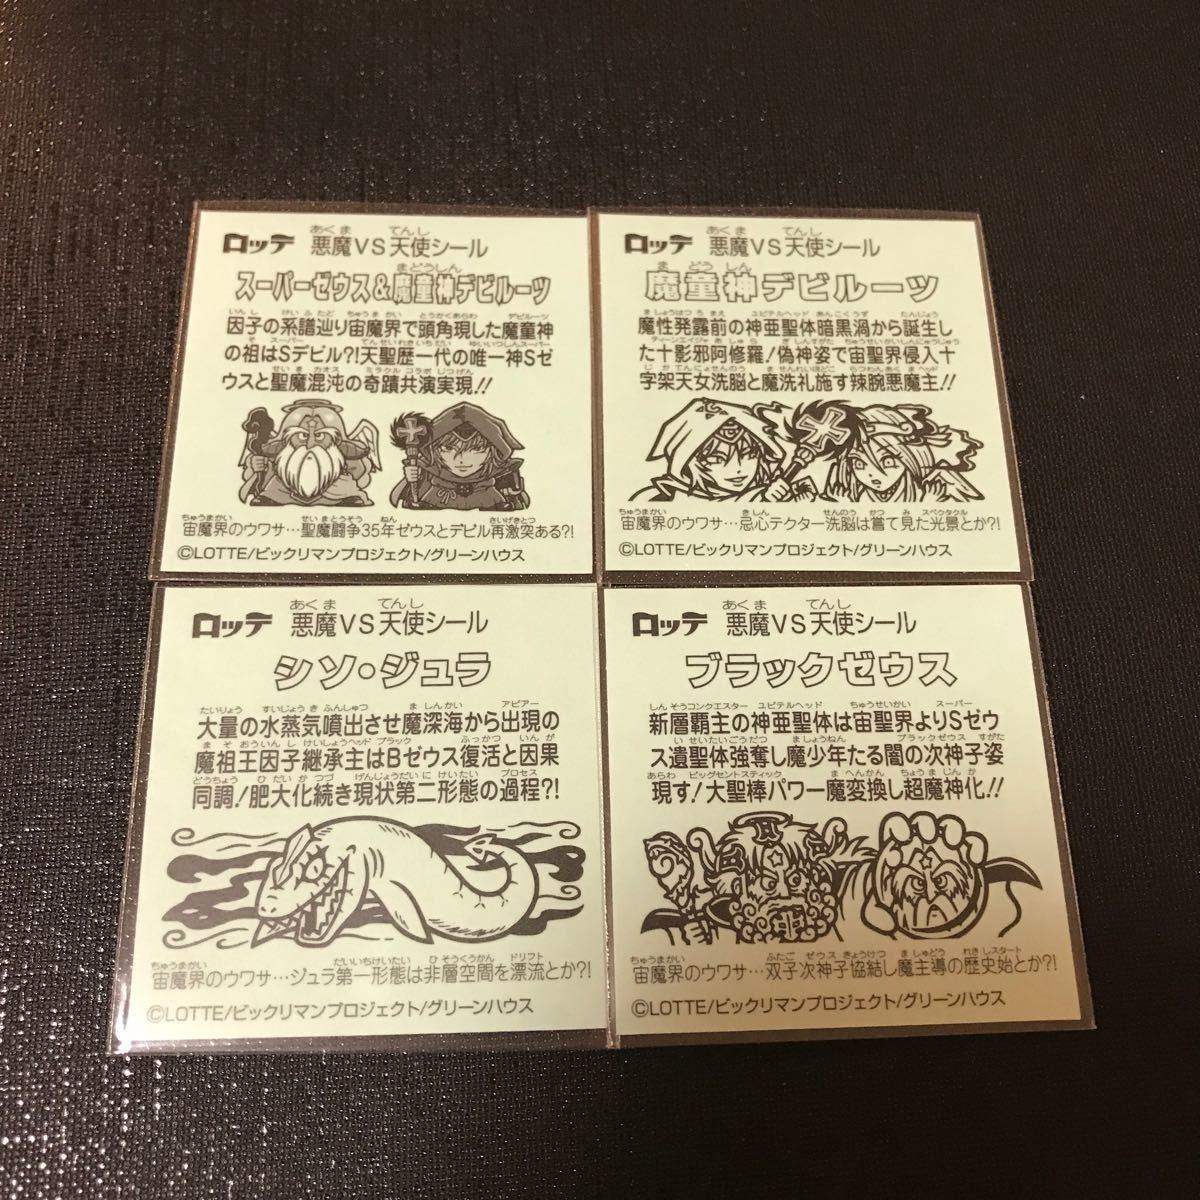 ビックリマンシール 第34弾ヘッド3枚セットとコロコロアニキ限定シール1枚 魔童神デビルルーツ、ブラックゼウス、シソ・ジュラ レア